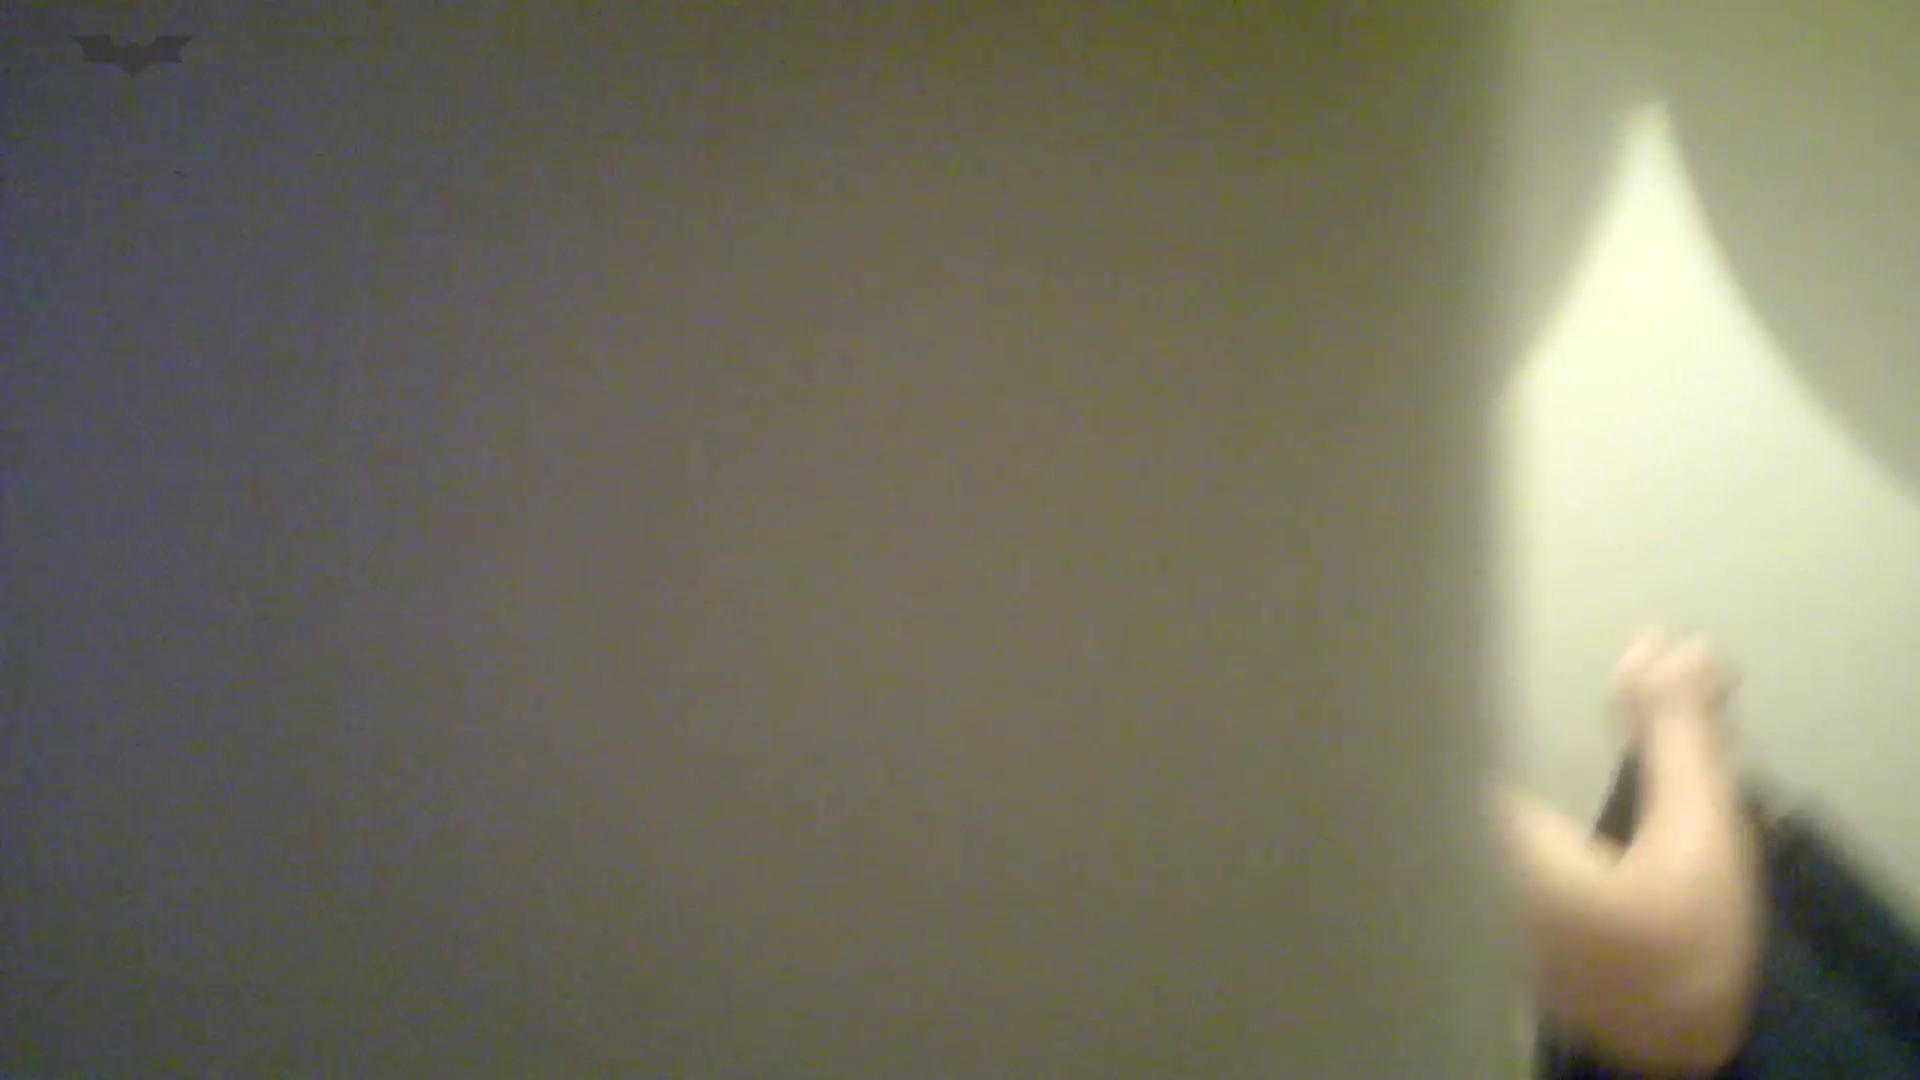 無修正エロ動画|有名大学女性洗面所 vol.50 個室には3つの「目」があるみたいです。|怪盗ジョーカー